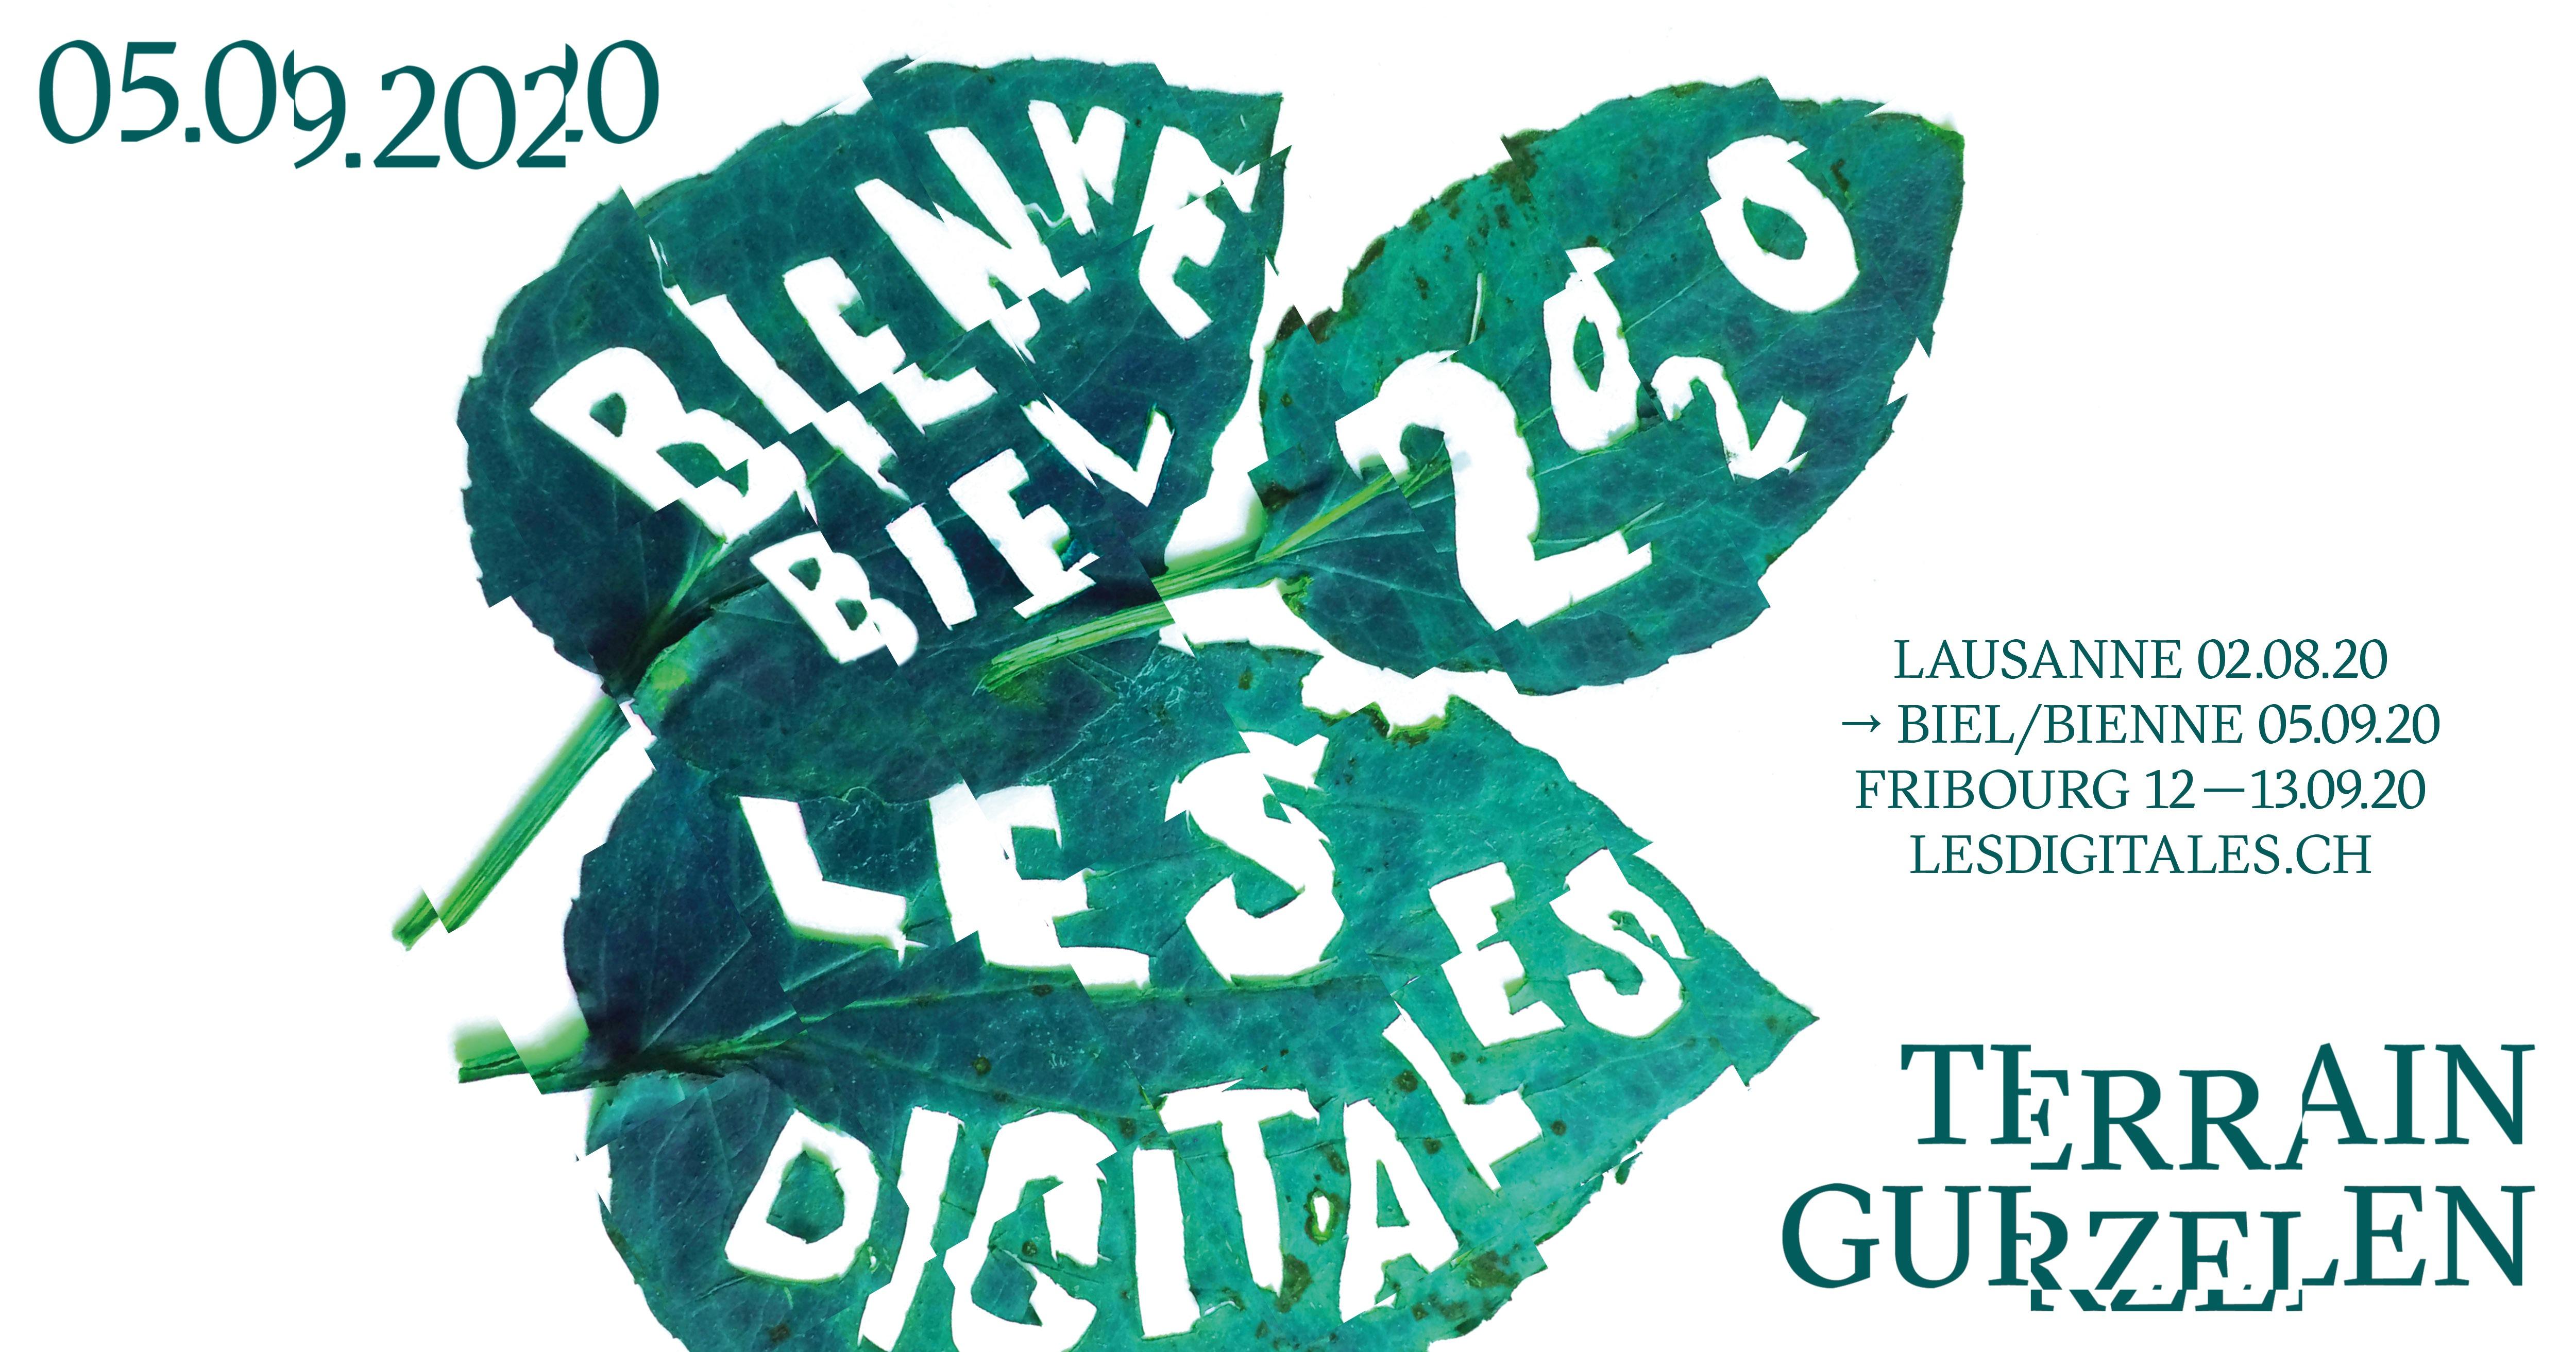 Les Digitales Bienne 5 septembre 2020